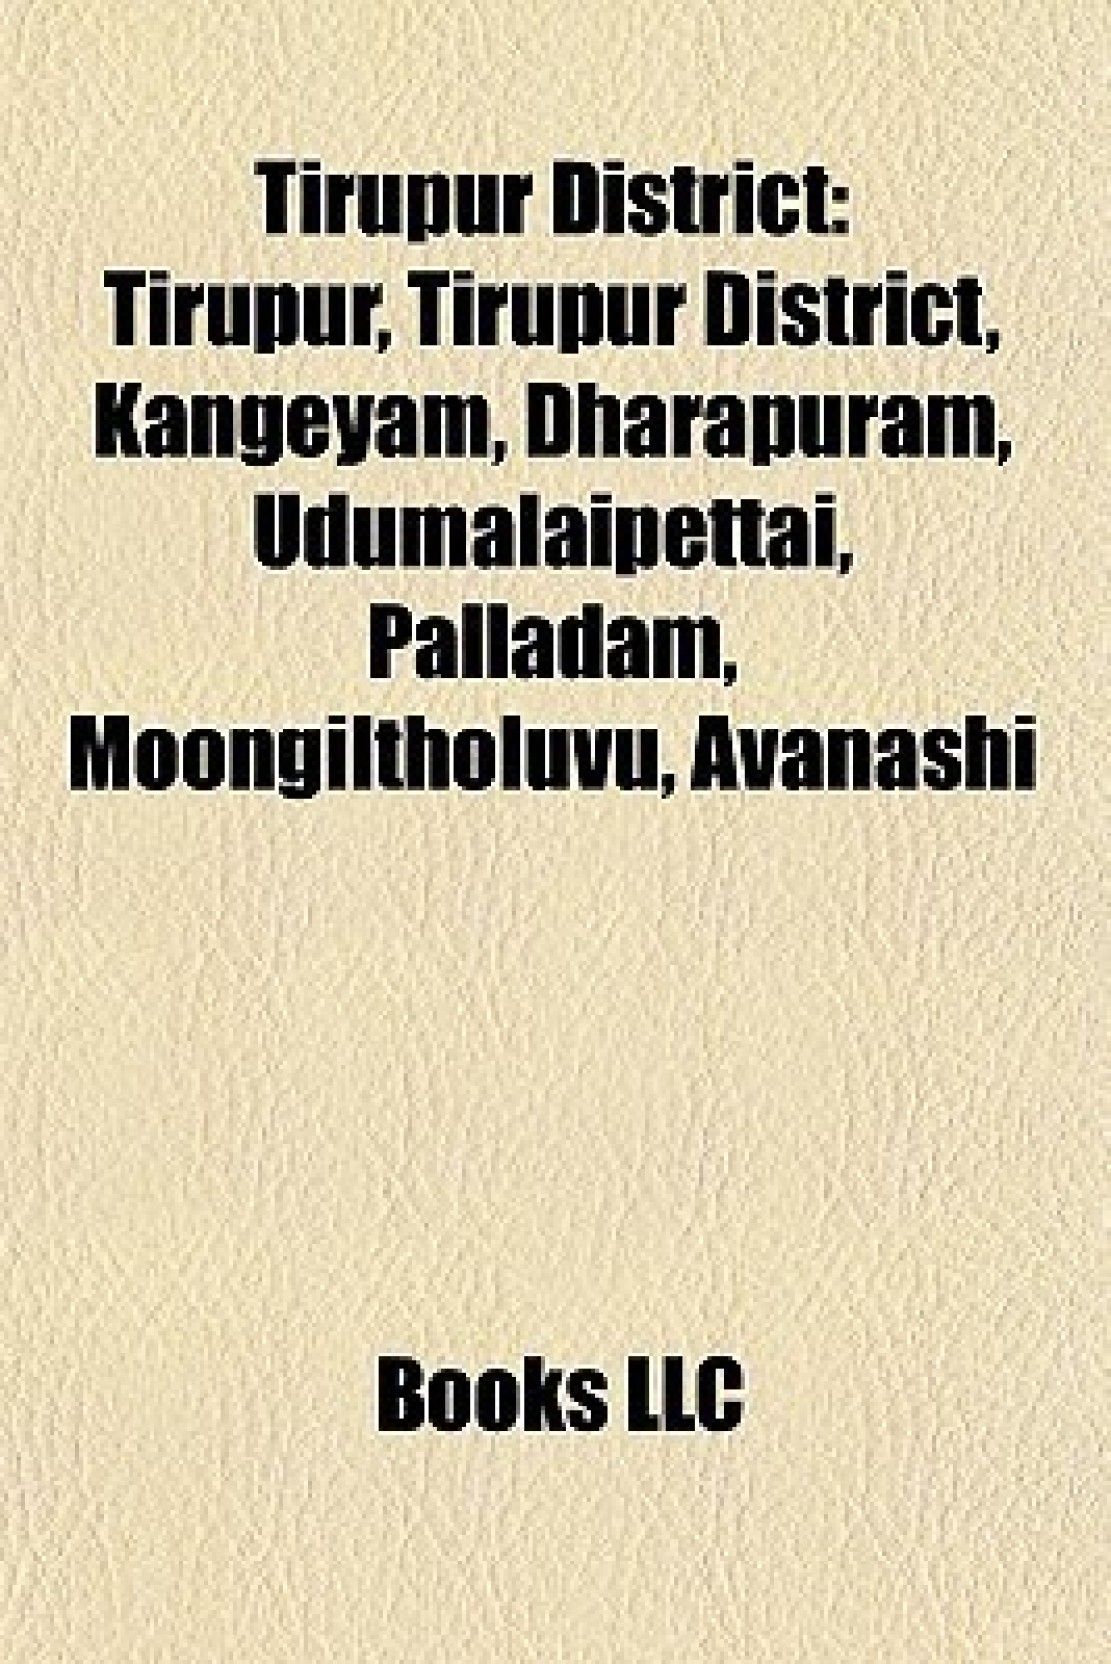 Tirupur District: Tirupur, Tirupur District, Kangeyam, Dharapuram